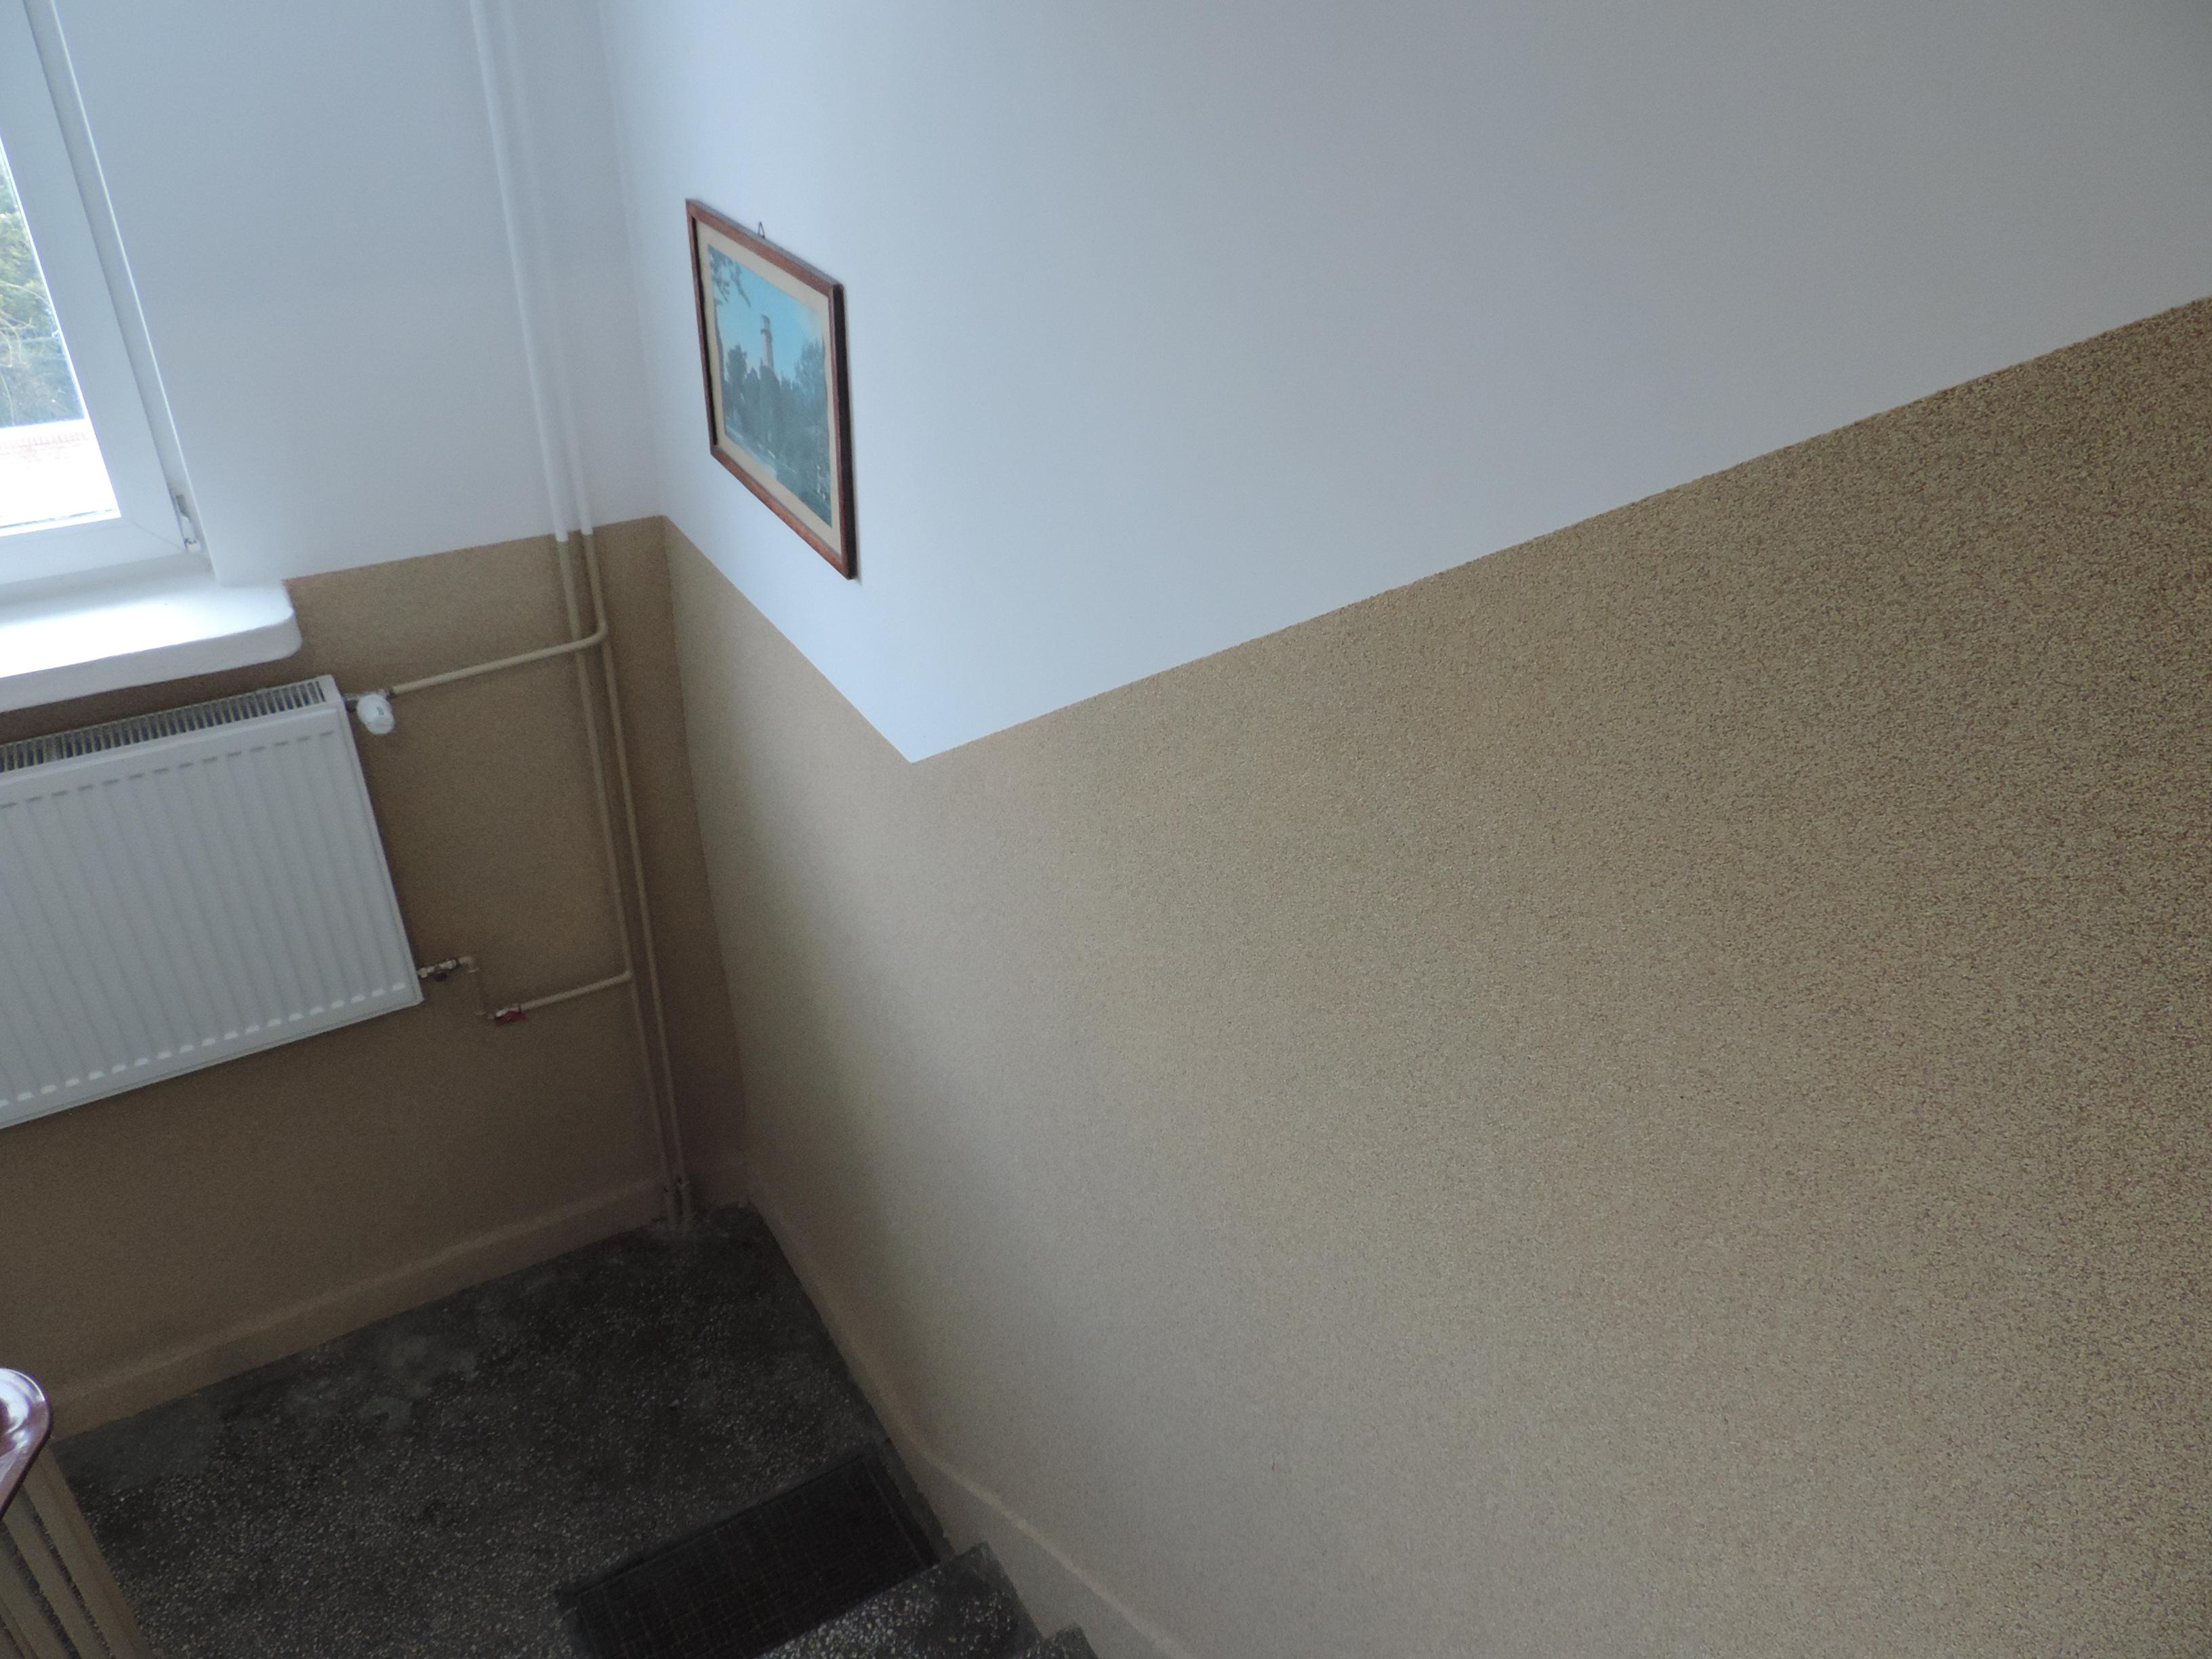 fragment klatki przy oknie - przemalowane parapety na biało